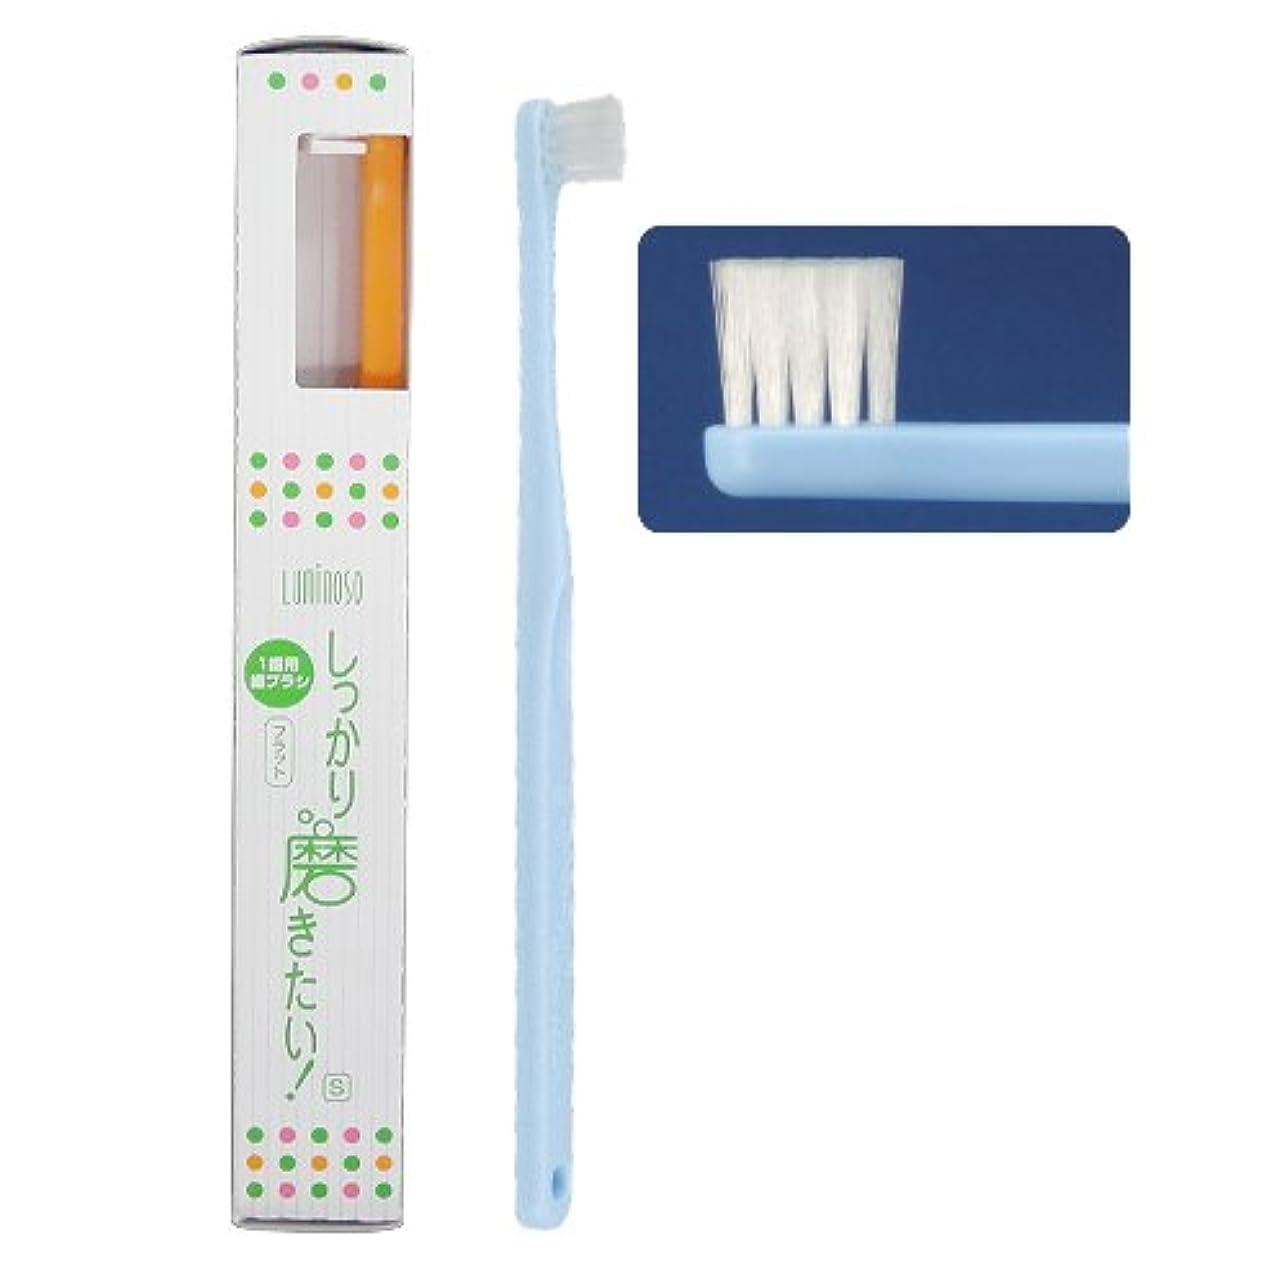 日付エッセイ理由ルミノソ 1歯用歯ブラシ 「しっかり磨きたい!」 フラット/ソフト